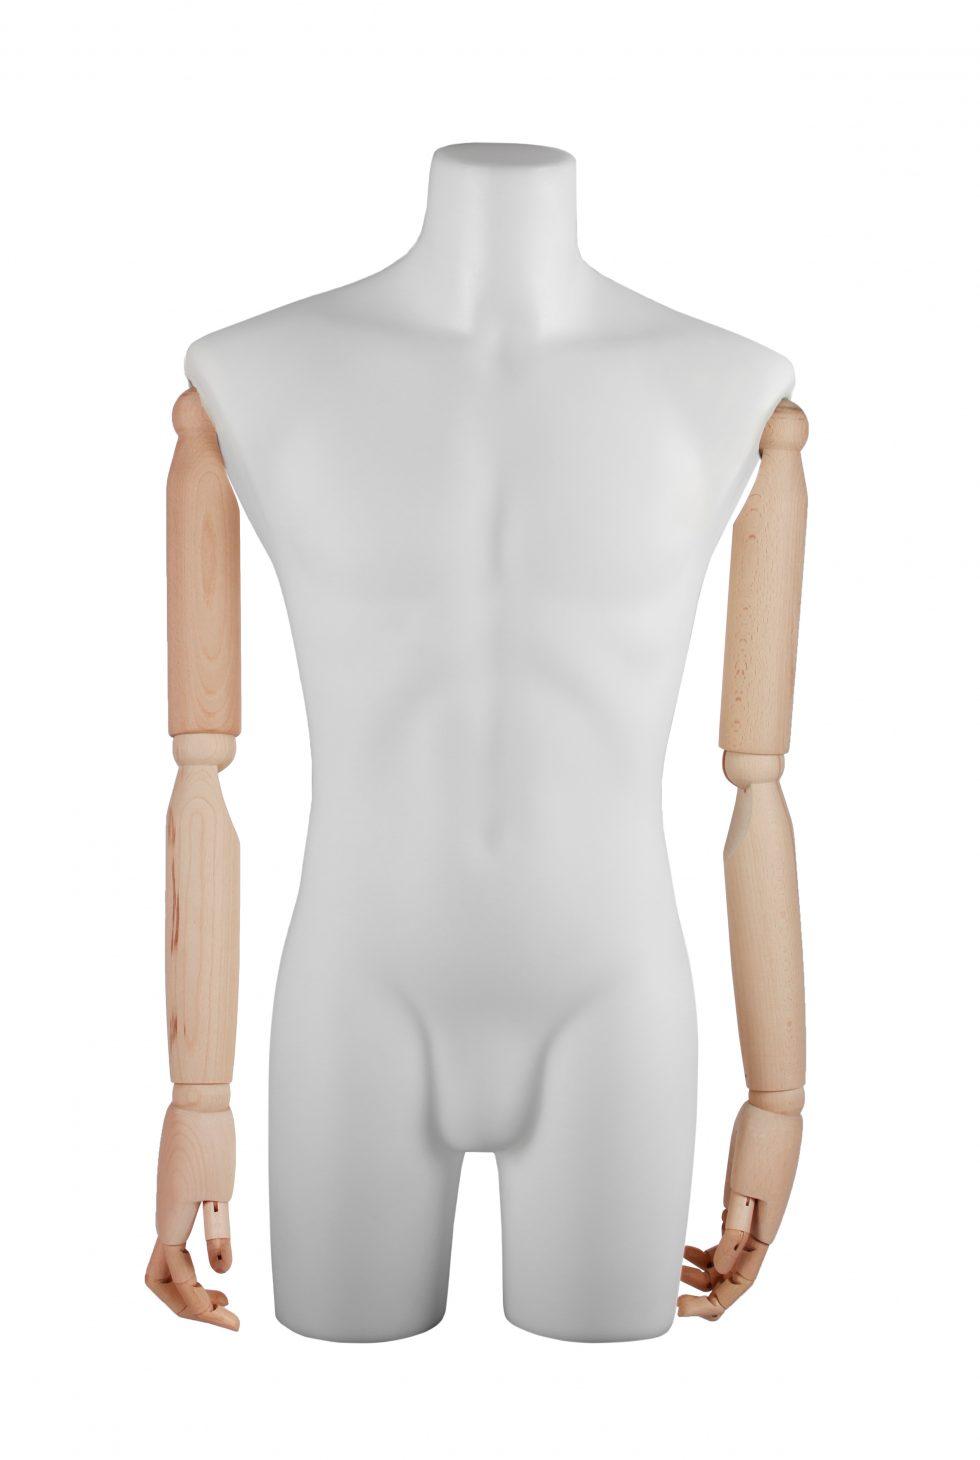 busto uomo polietilene braccia in legno